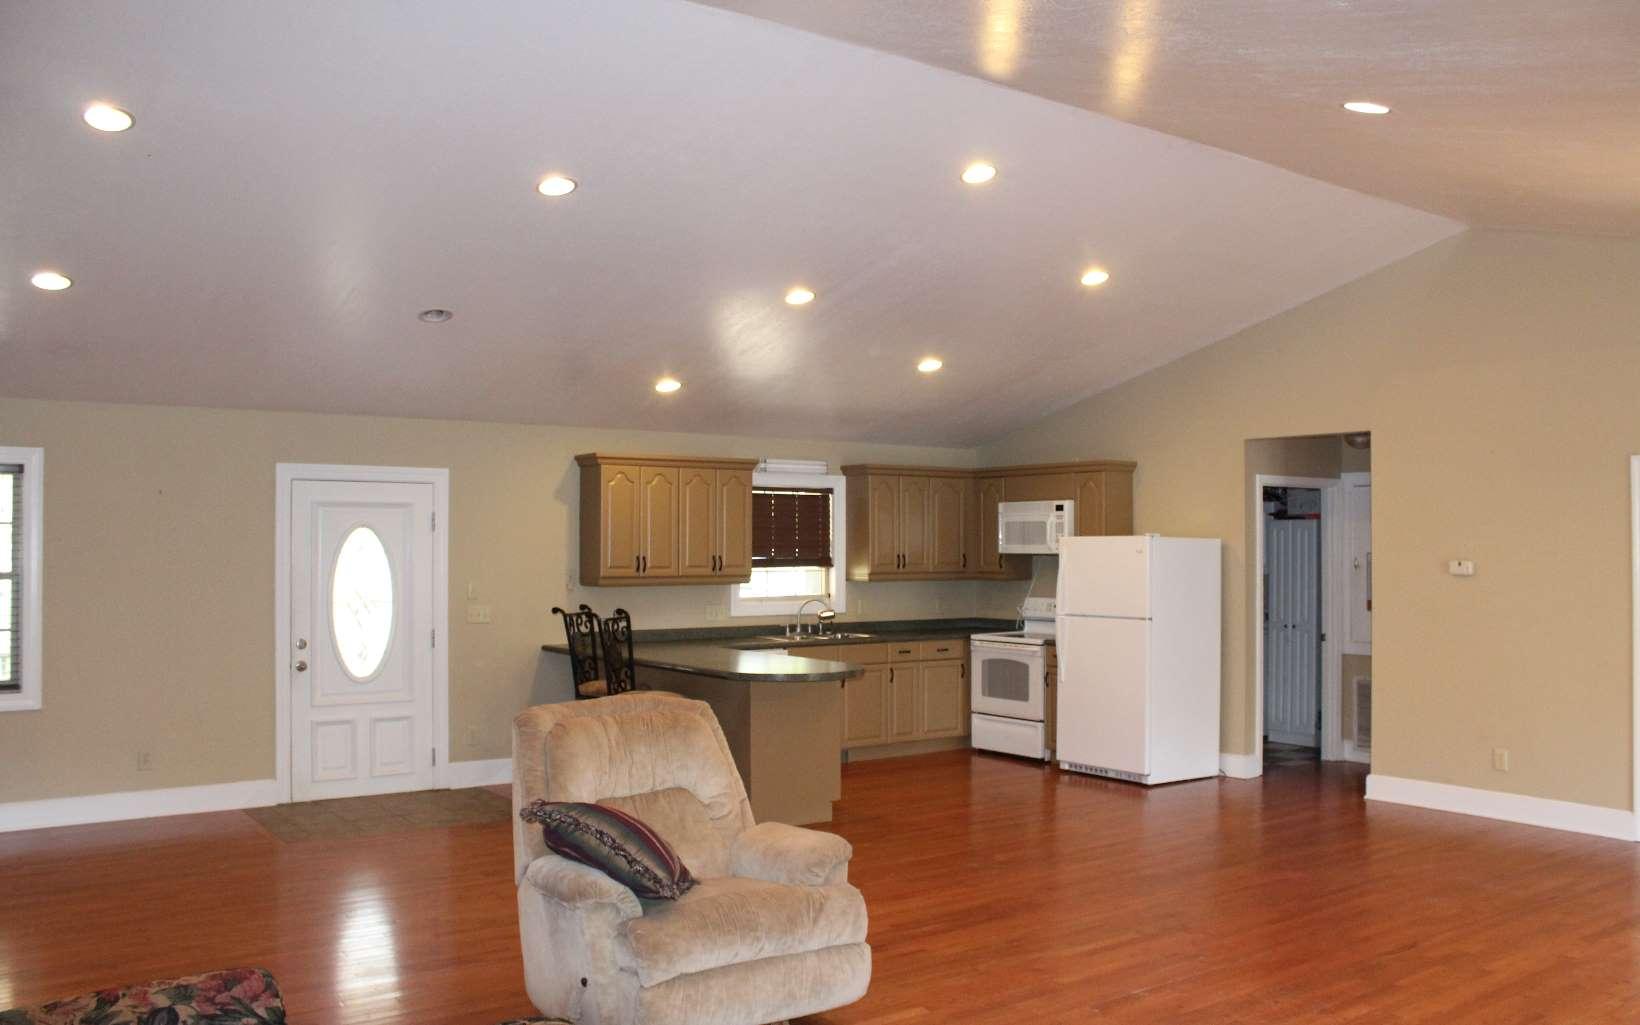 286023  Residential